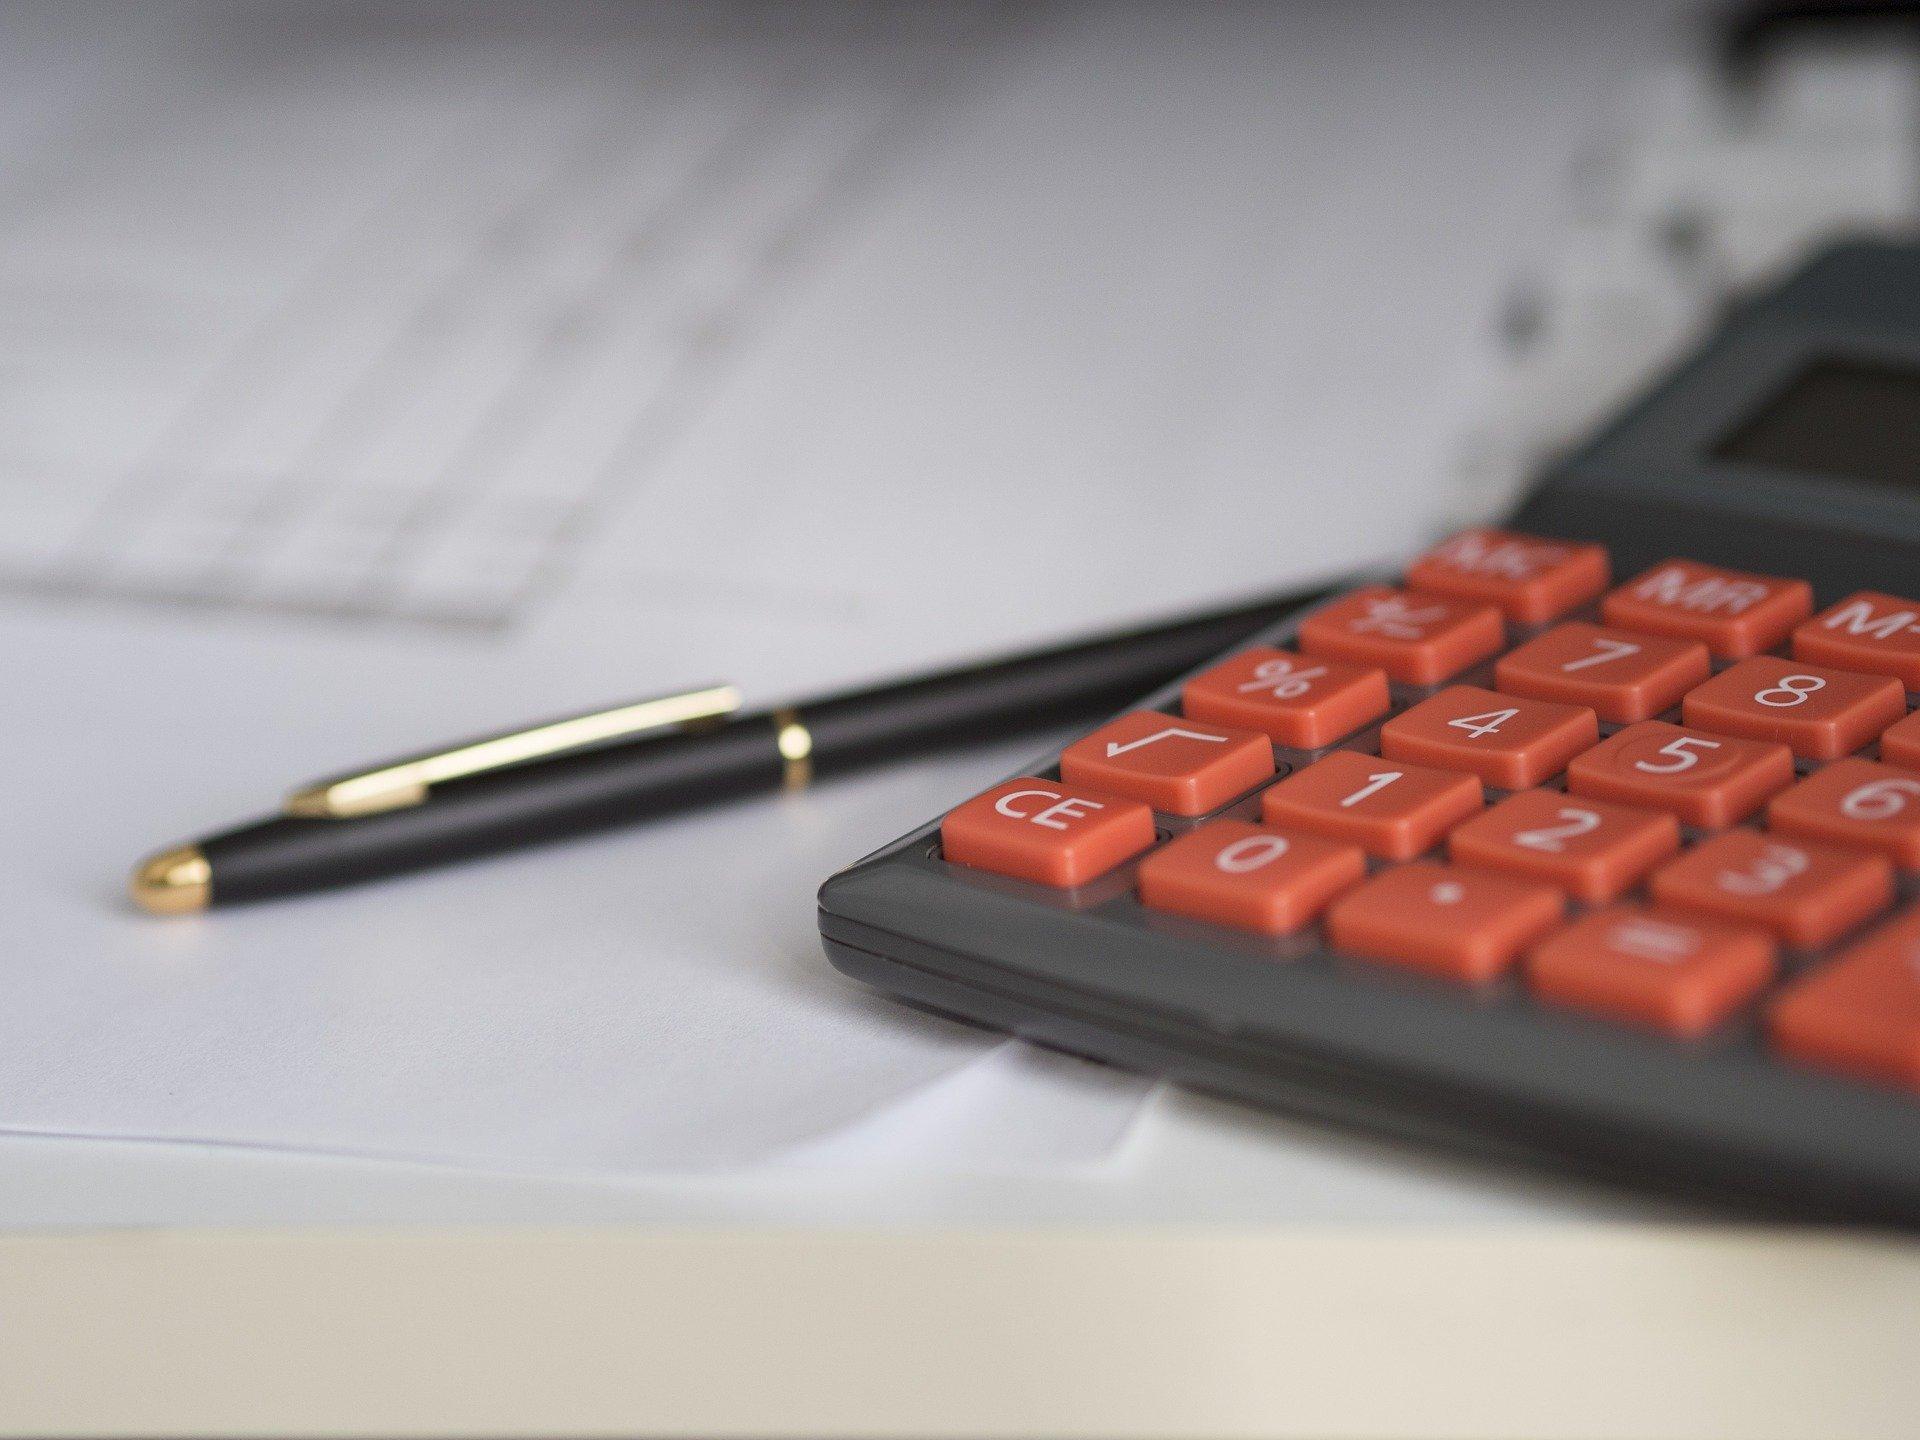 El contribuyente tributará por los errores del SEPE en el pago de ERTE y tendrá que reclamar al fisco